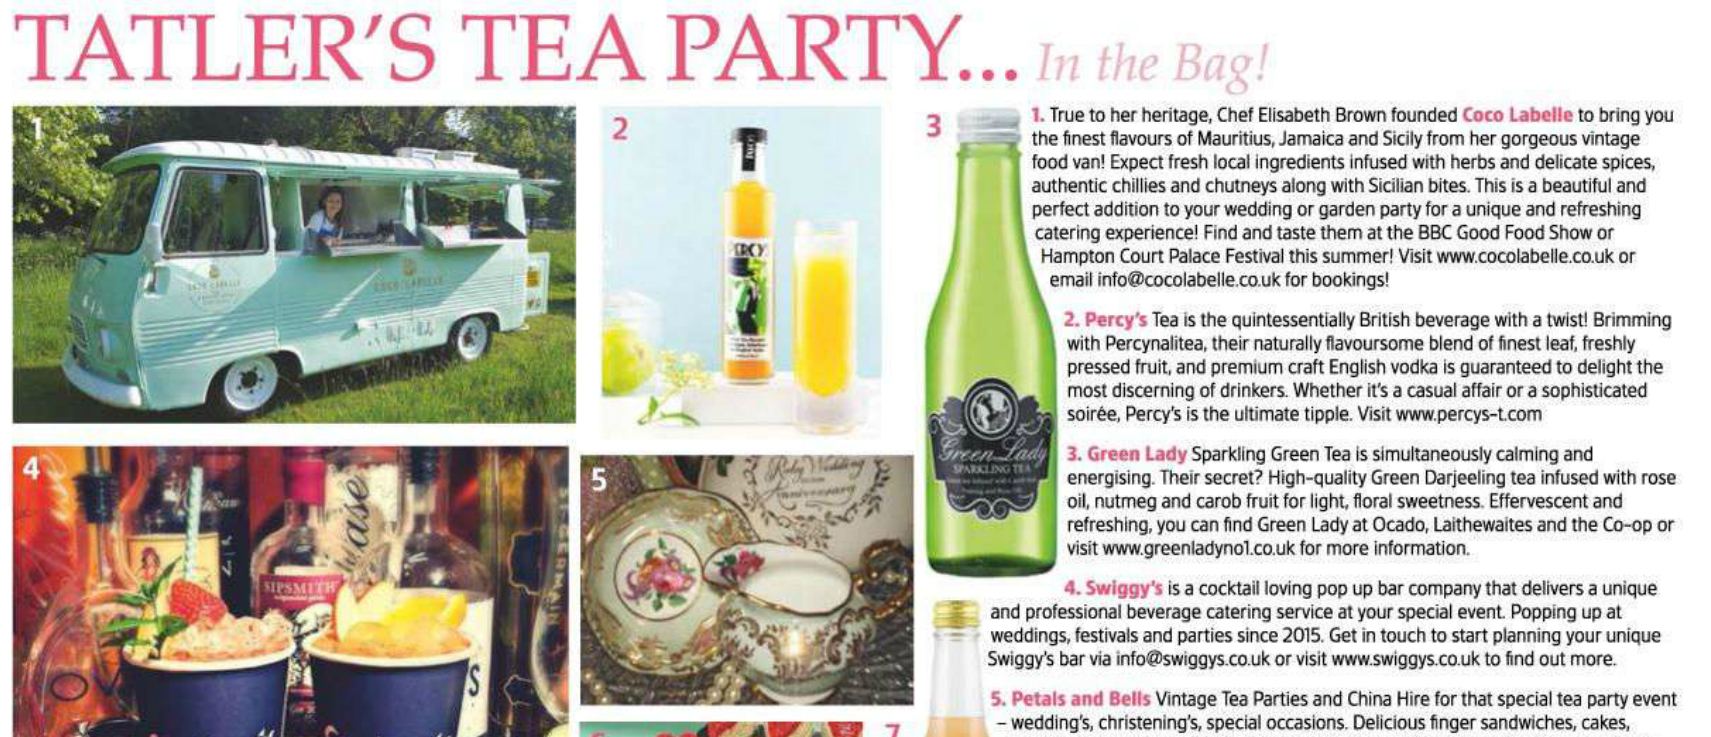 Percy's Tea Party